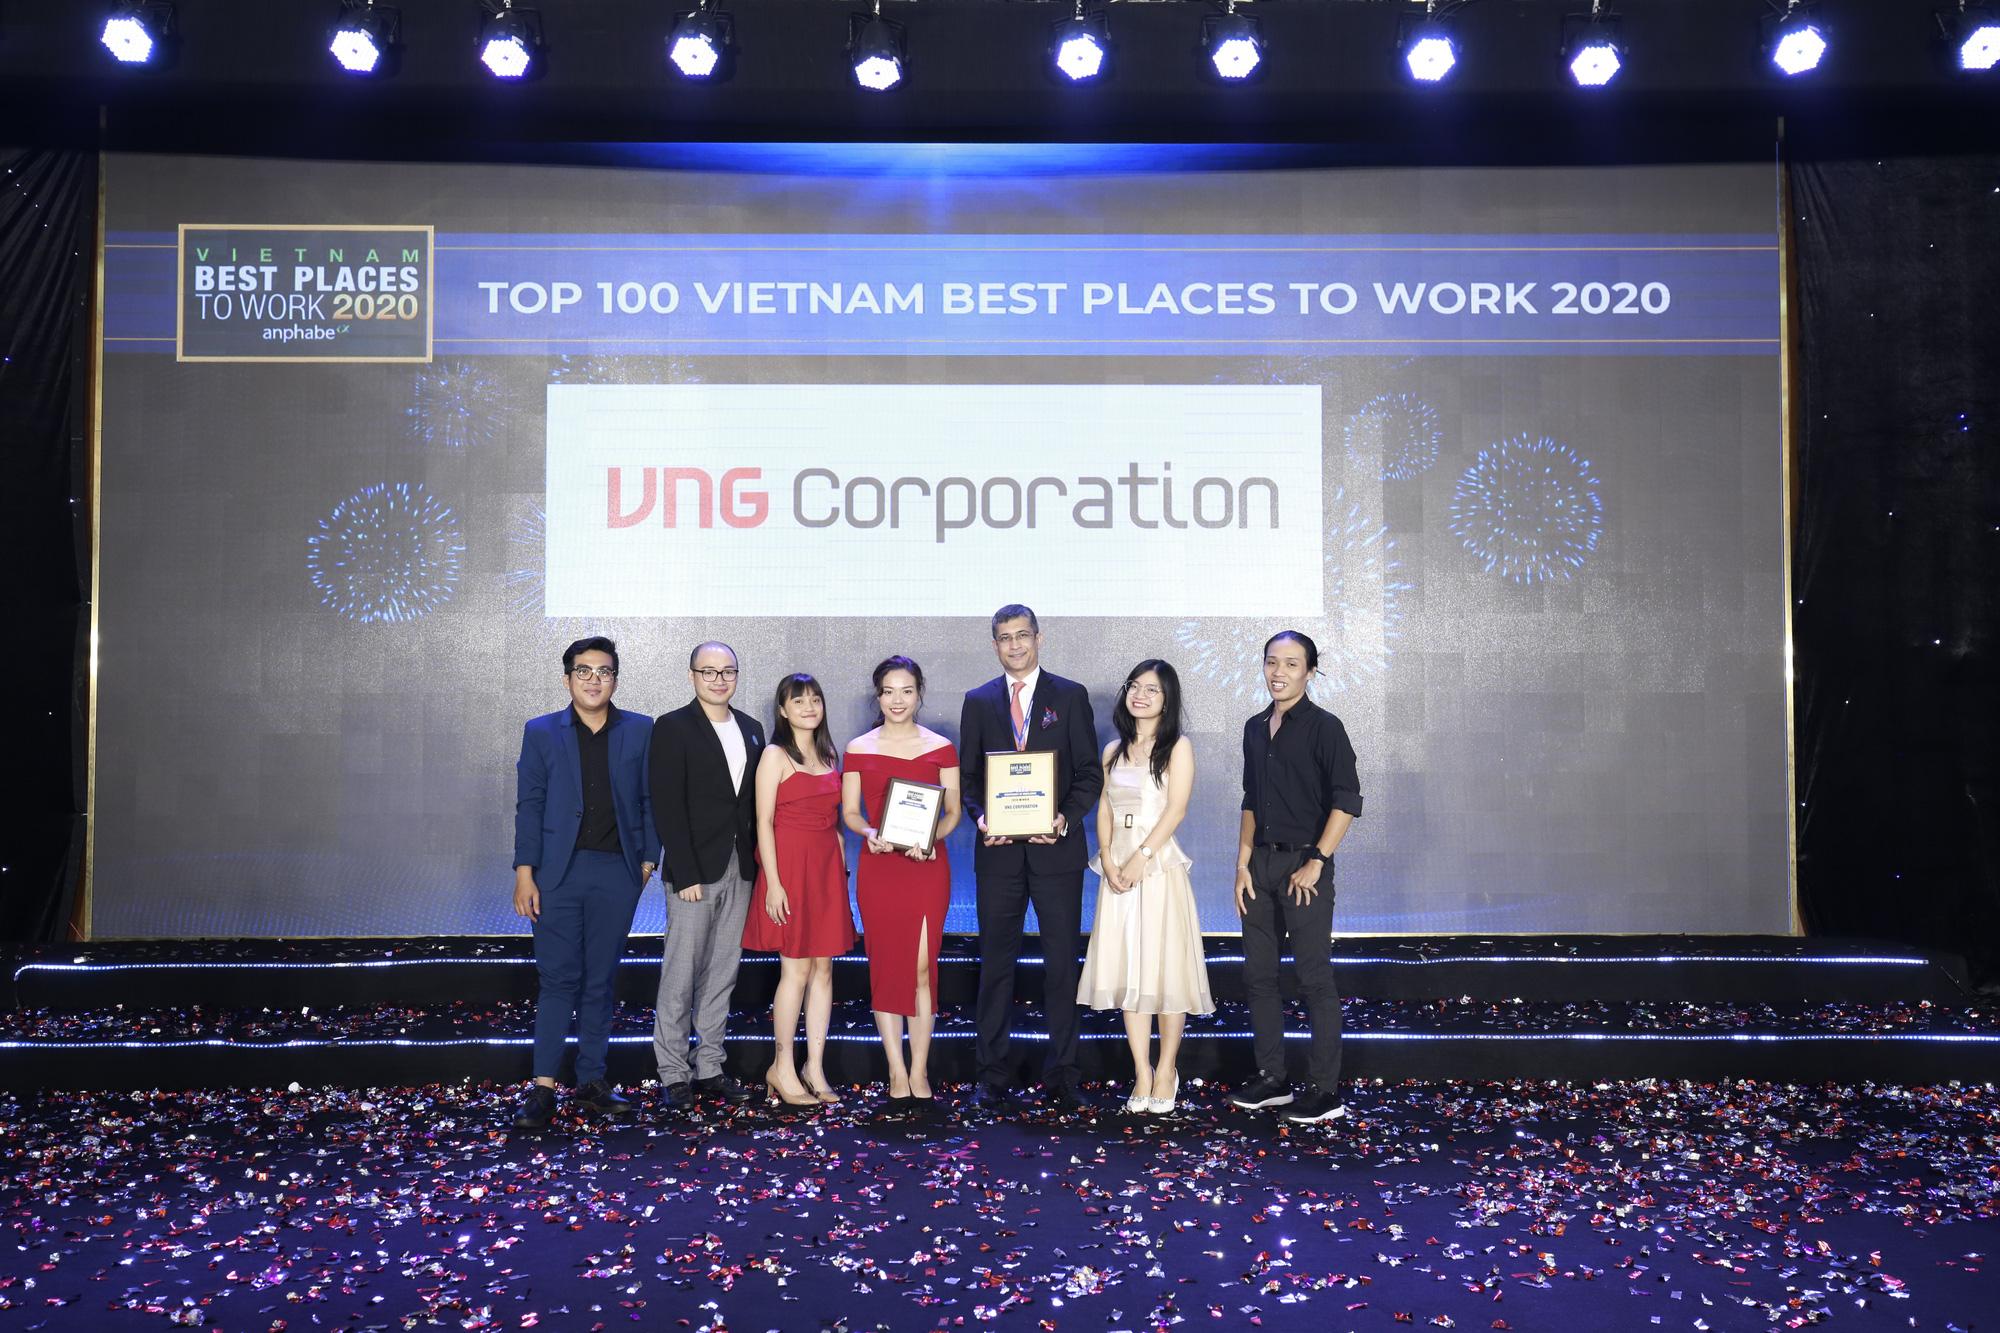 """VNG """"on top"""" Nơi làm việc tốt nhất Việt Nam, chuyện không bất ngờ! - Ảnh 1."""